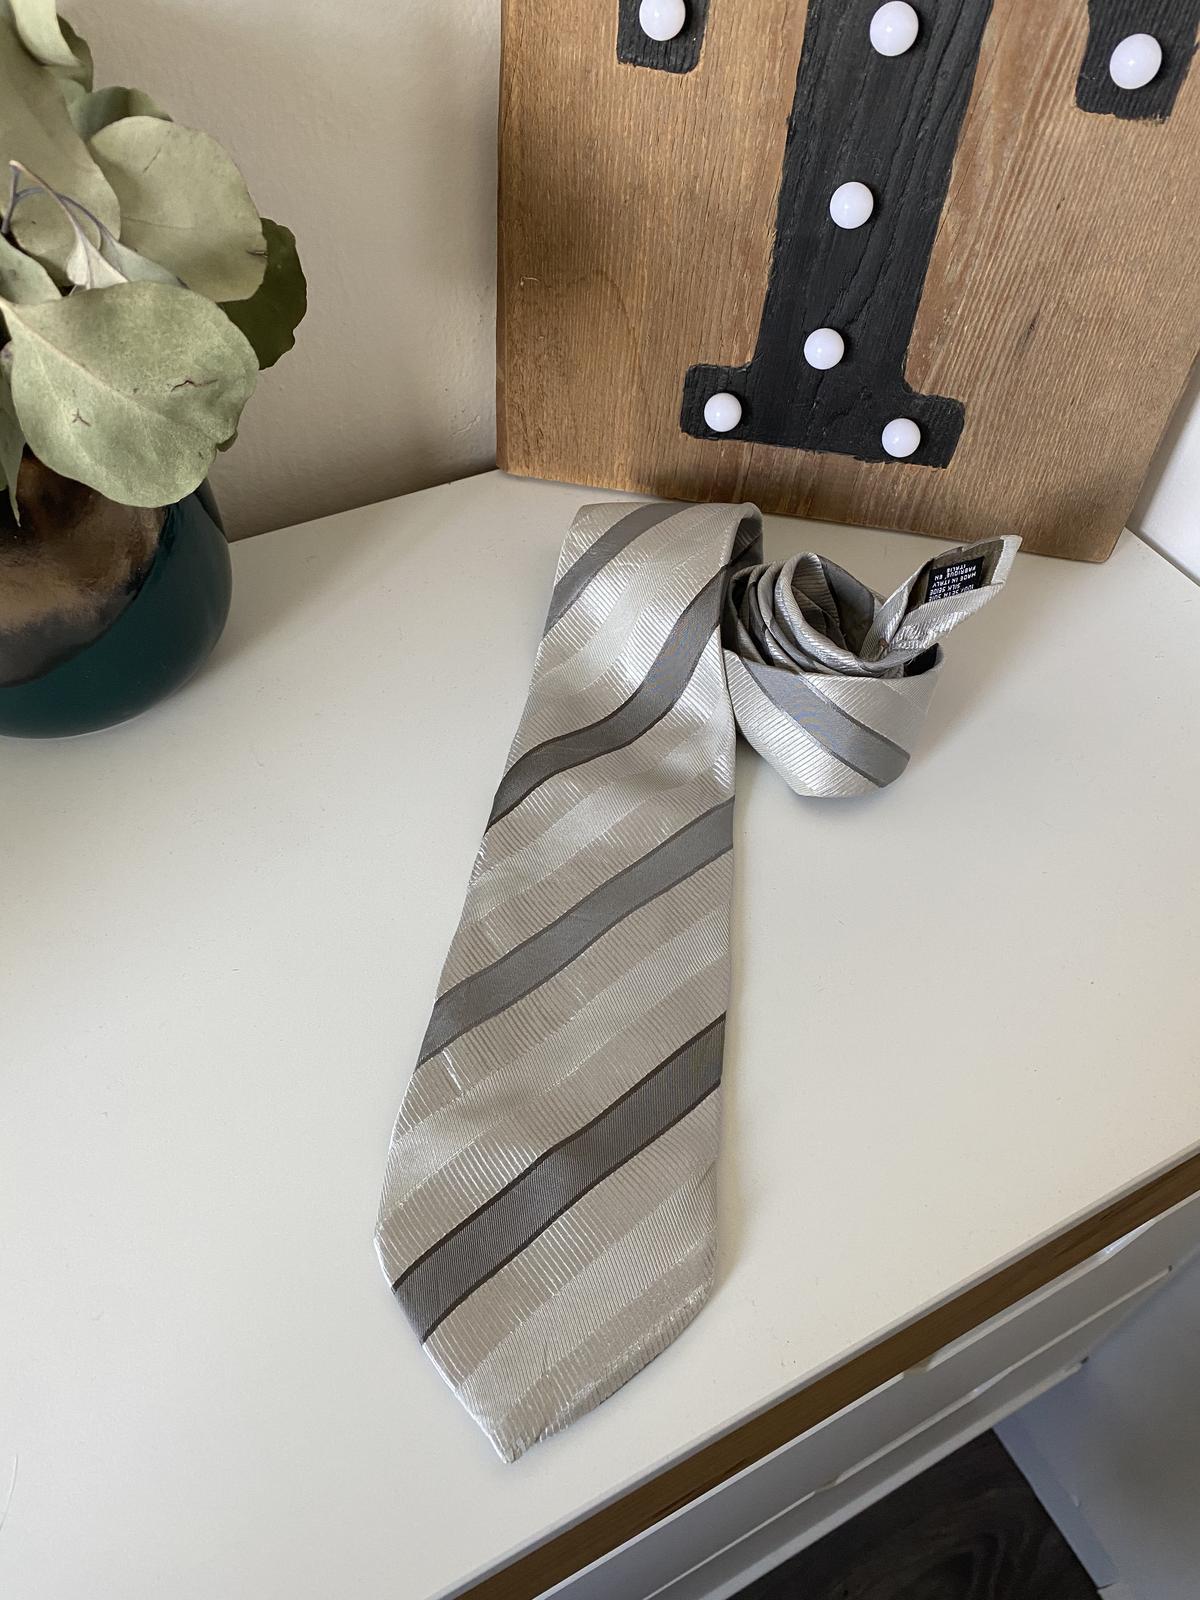 pánská kravata Giorgio Armani - Obrázek č. 1